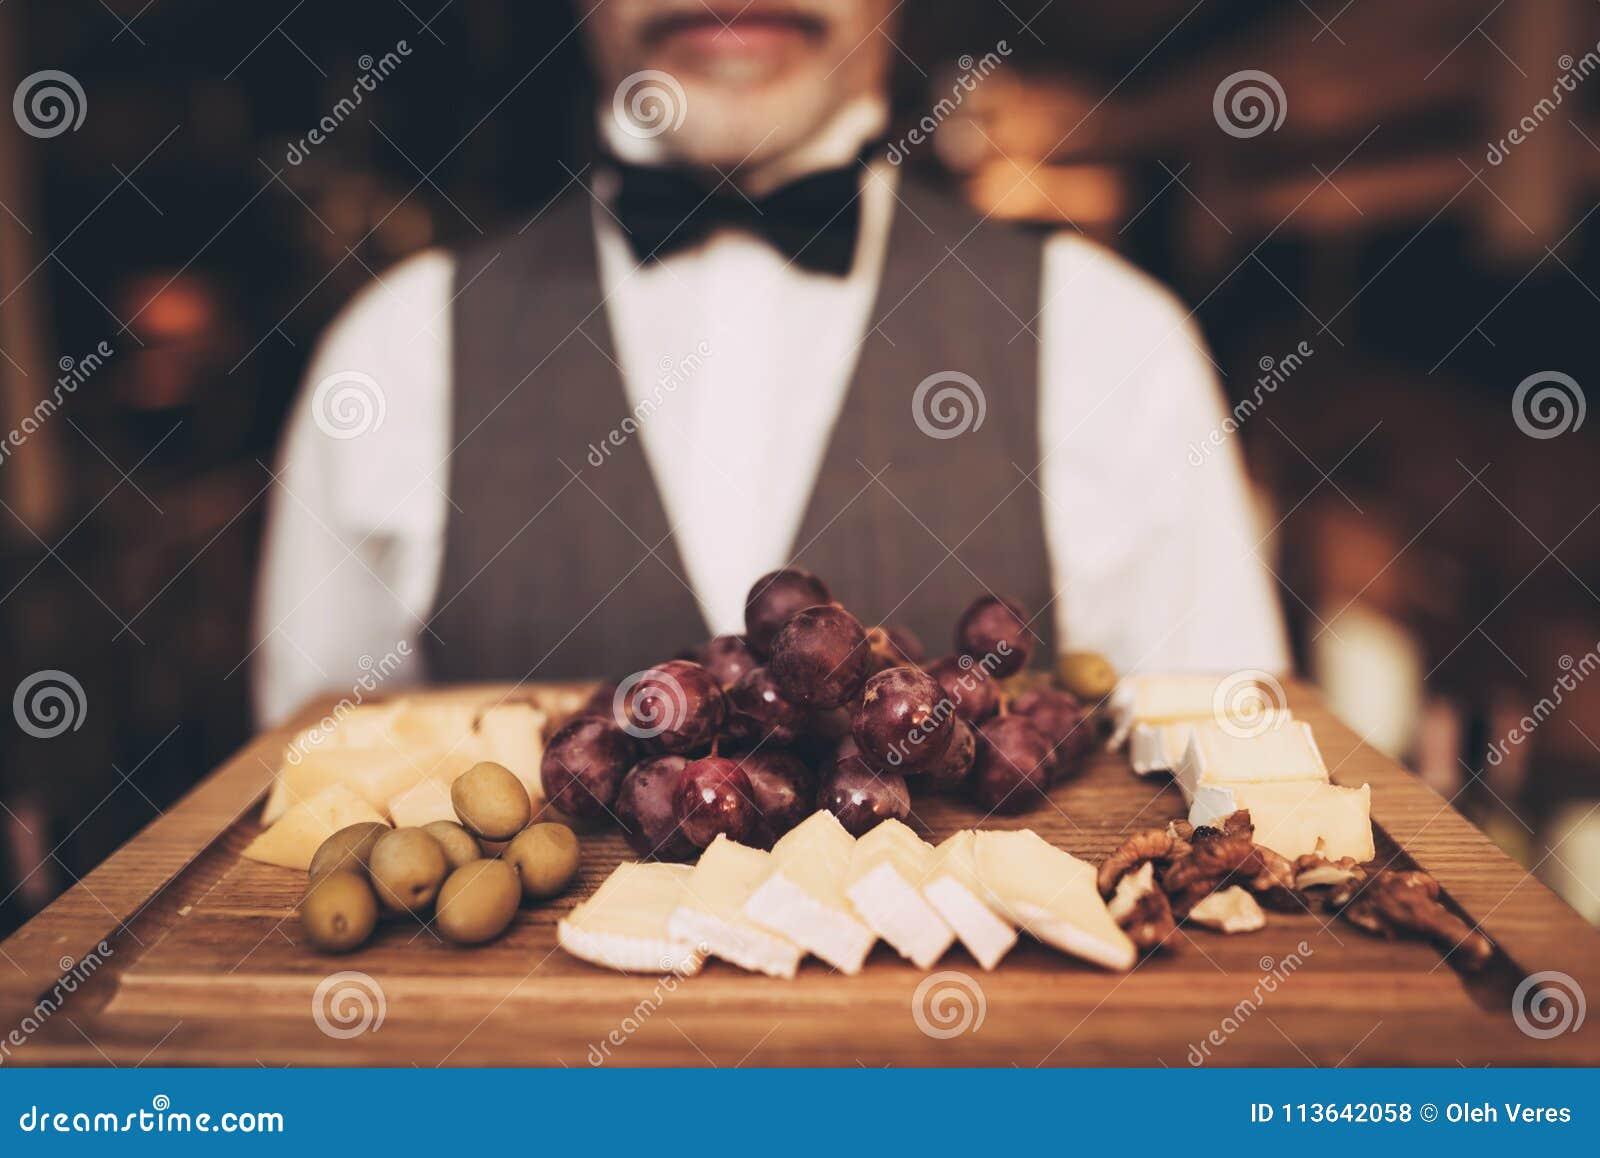 Z bliska Sommelier trzyma przekąski dla czerwonego wina na drewnianym talerzu Winogrona Ser oliwki walsh